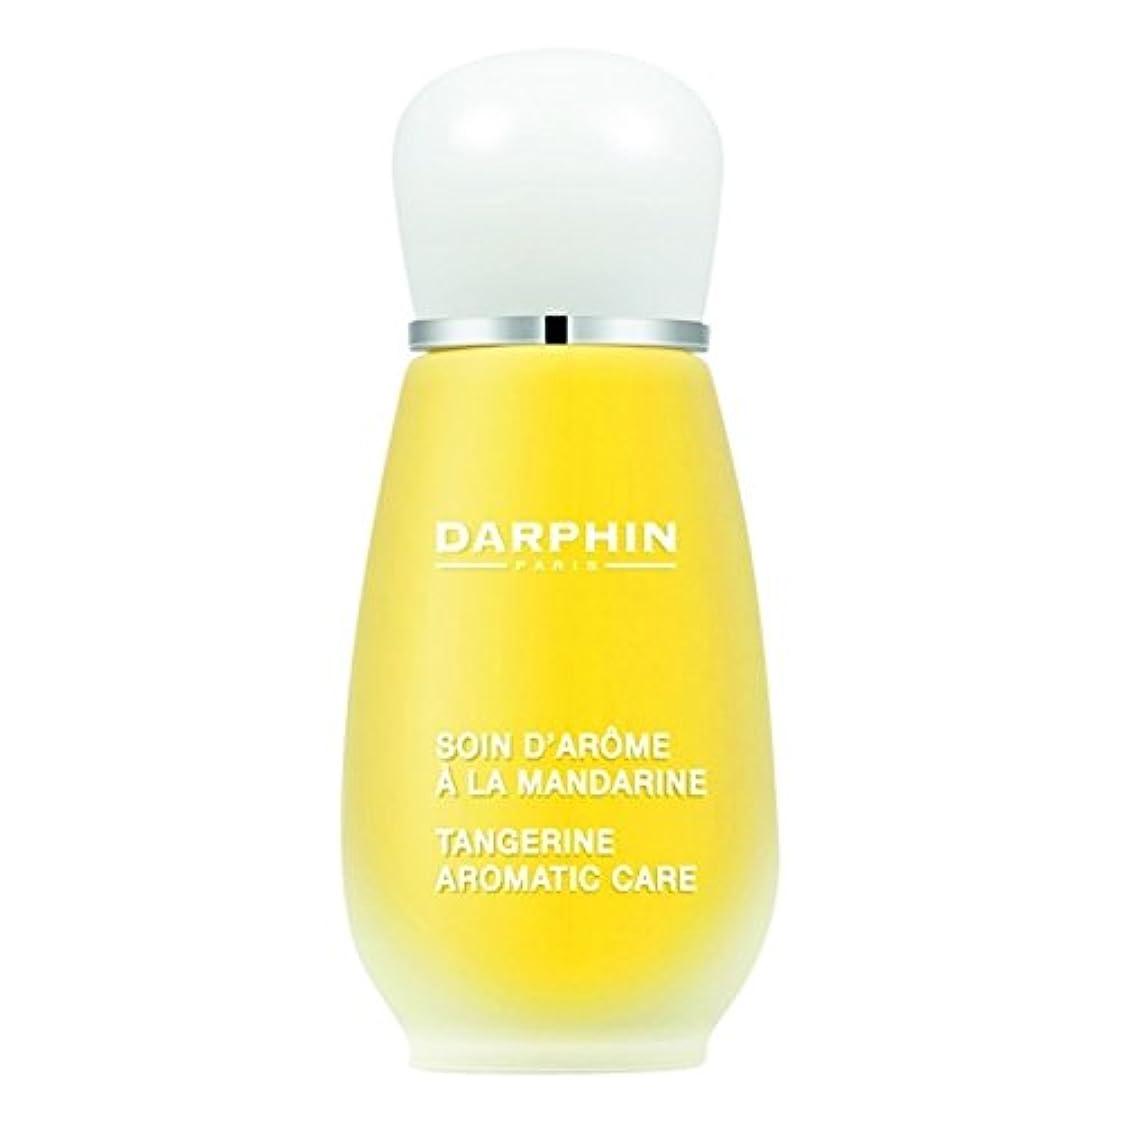 アソシエイトとにかく想定するダルファンタンジェリン芳香ケア15ミリリットル (Darphin) (x2) - Darphin Tangerine Aromatic Care 15ml (Pack of 2) [並行輸入品]